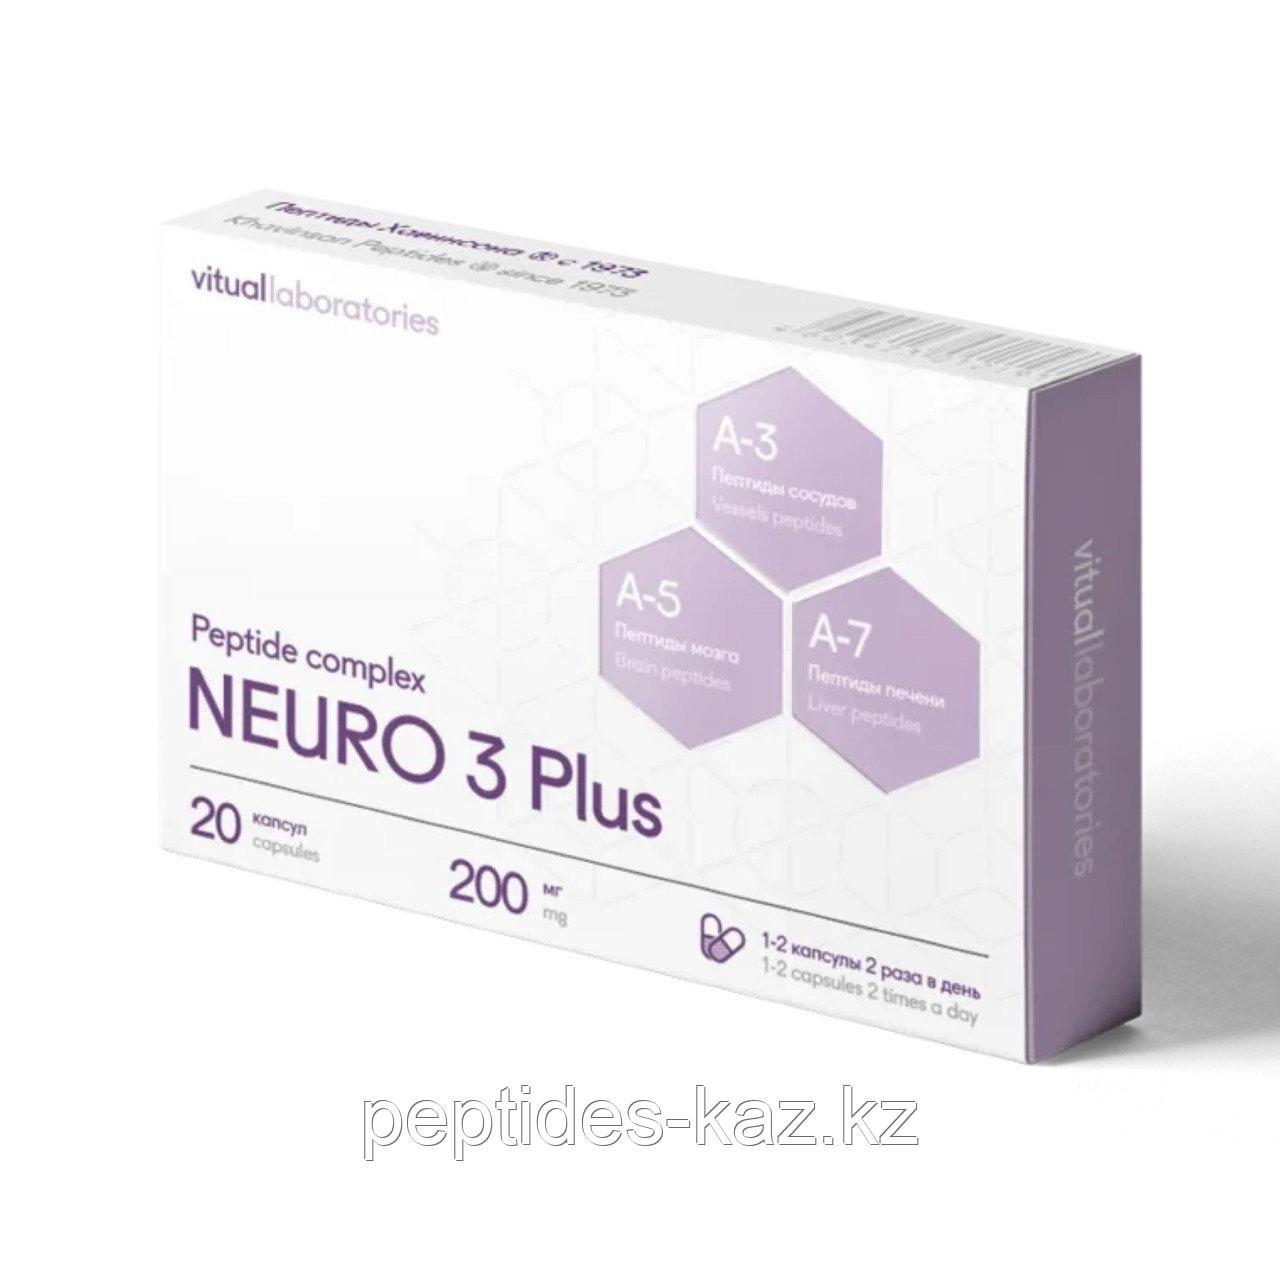 NEURO 3 Plus® №20, внимание и память